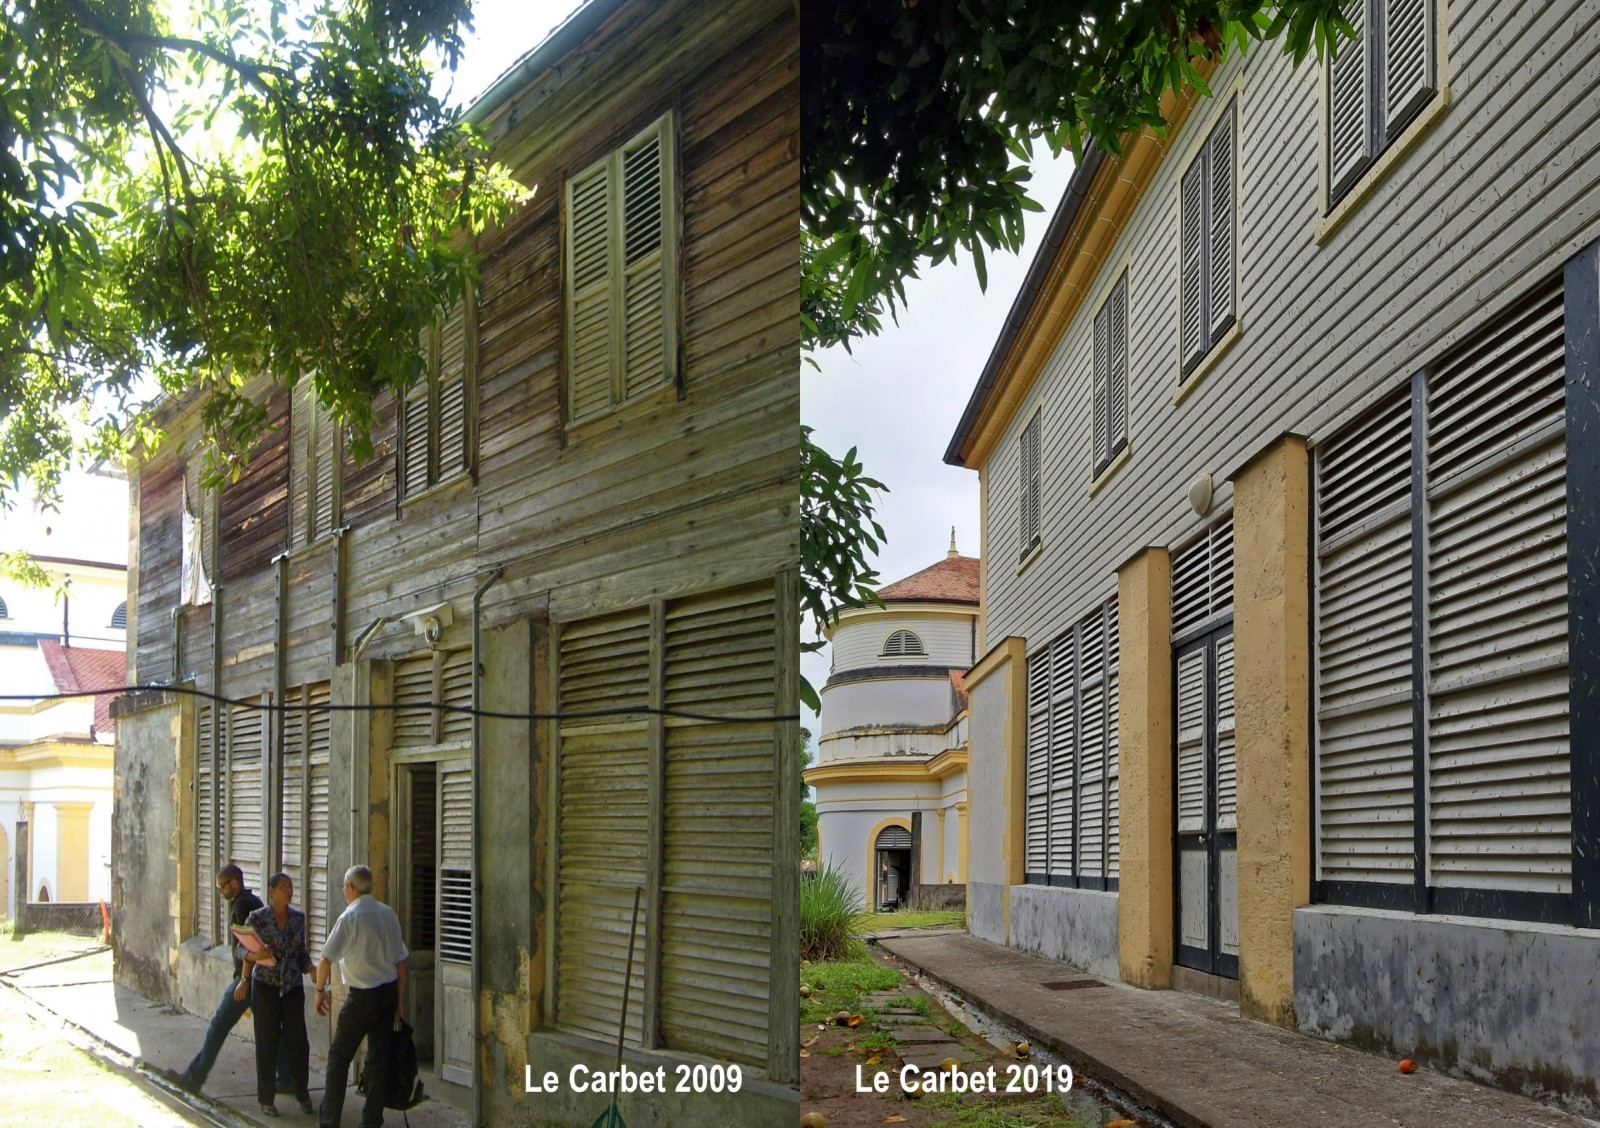 Réhabilitation des toitures et façades du presbytère du Carbet, MH classé 1992. ACMH E. Poncelet © N. Choplain, Battoil.